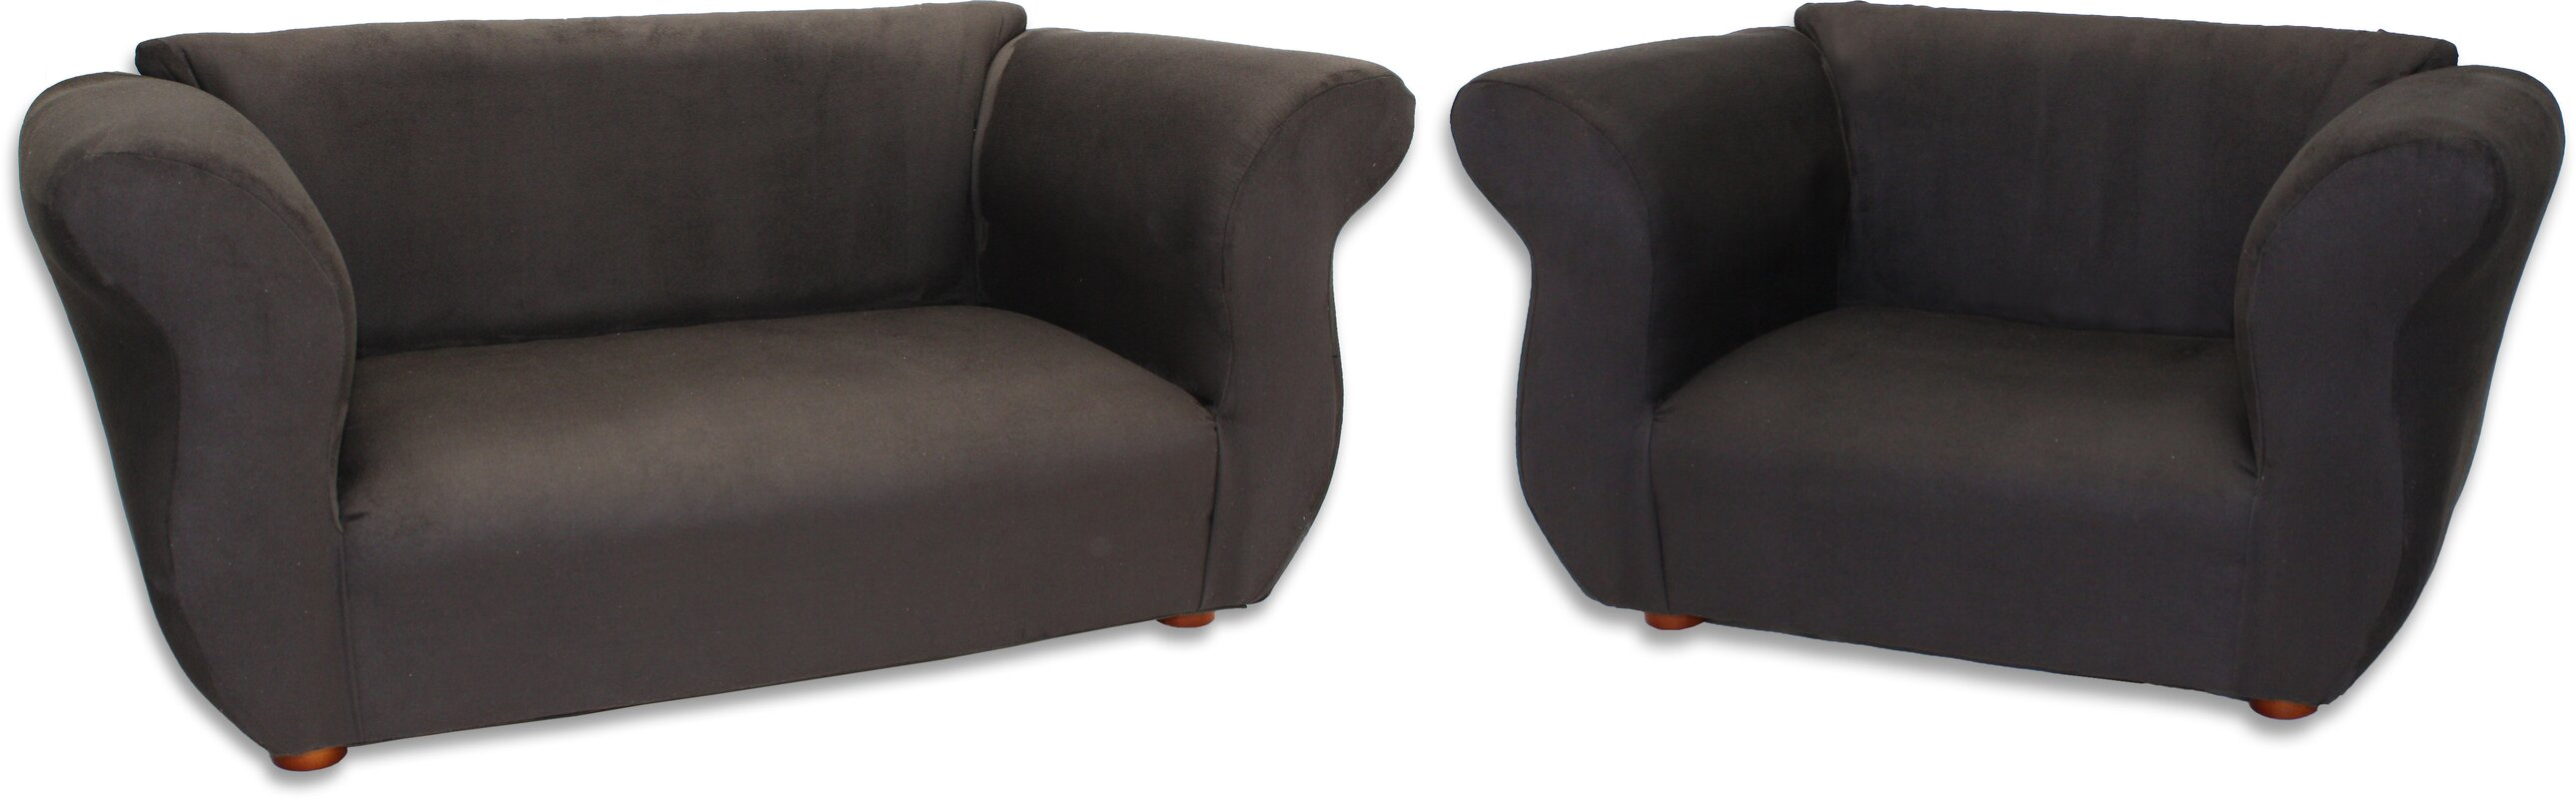 Keet Fancy Piece Kids Sofa And Chair Set Reviews Wayfair